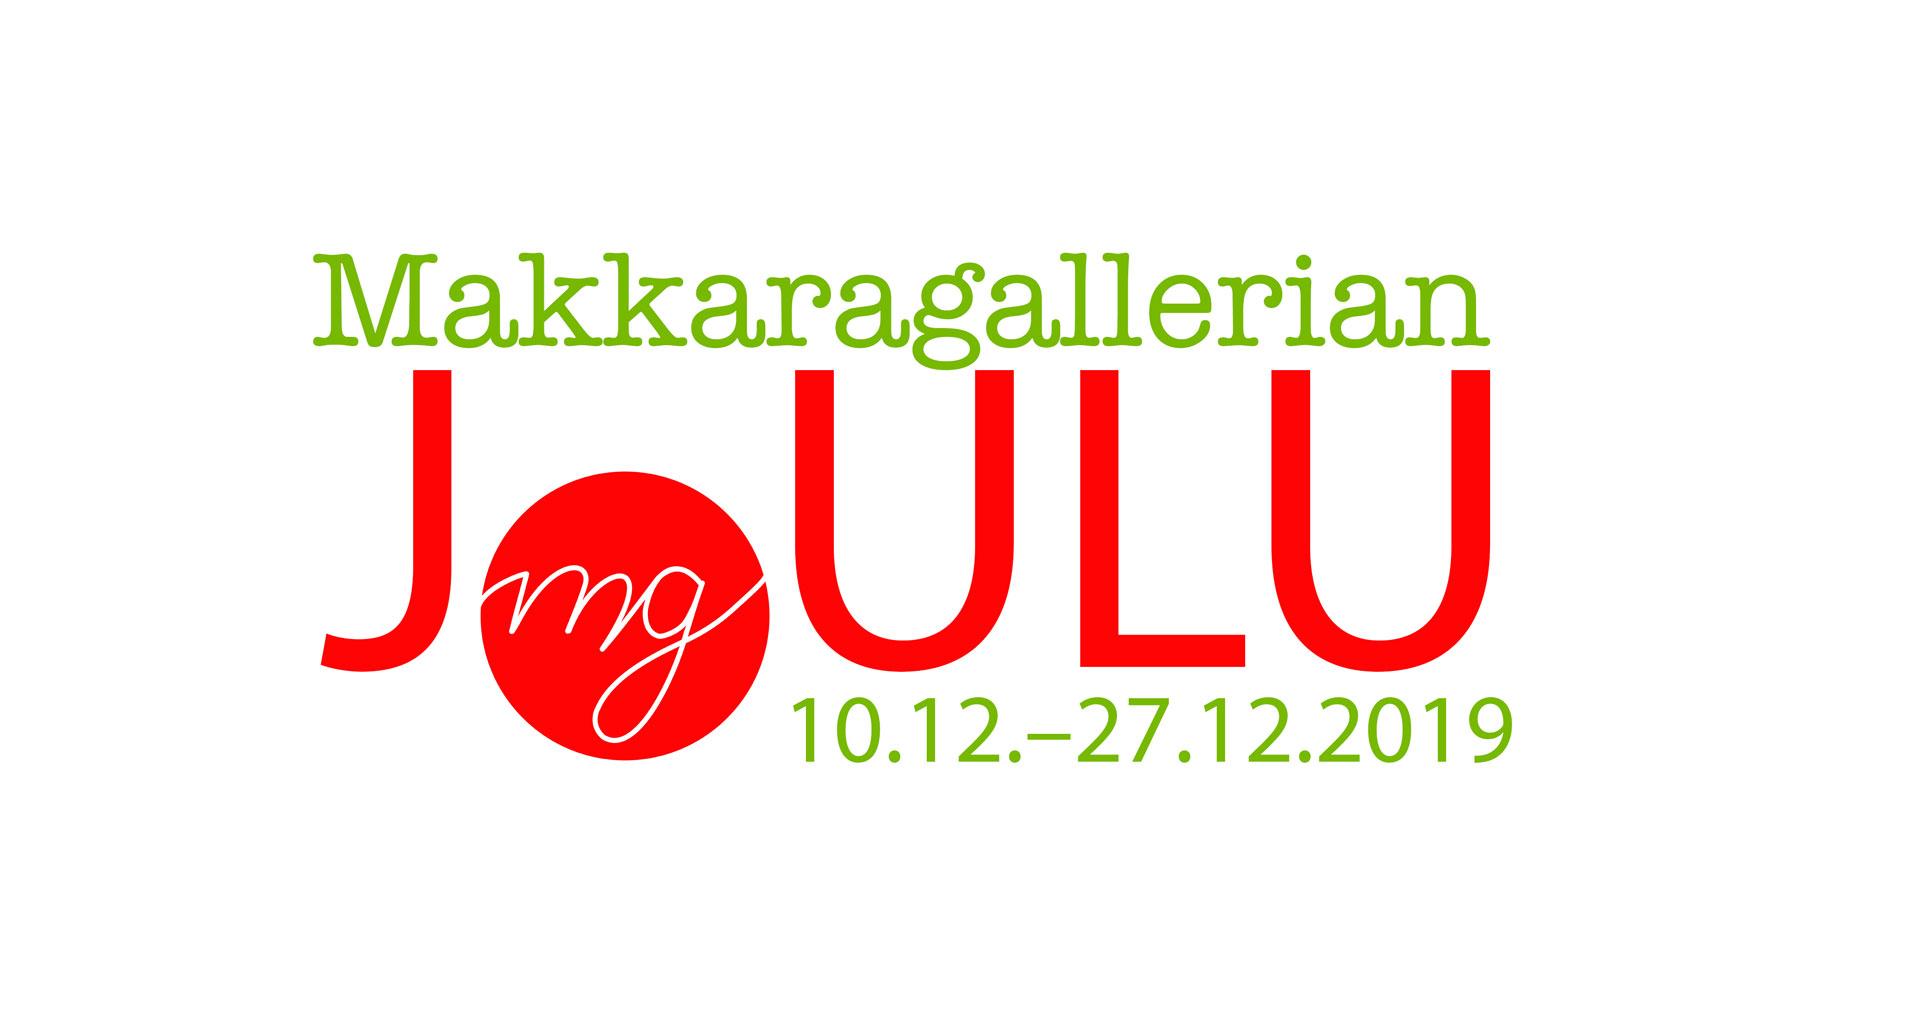 Link to event Makkara Gallery Xmas